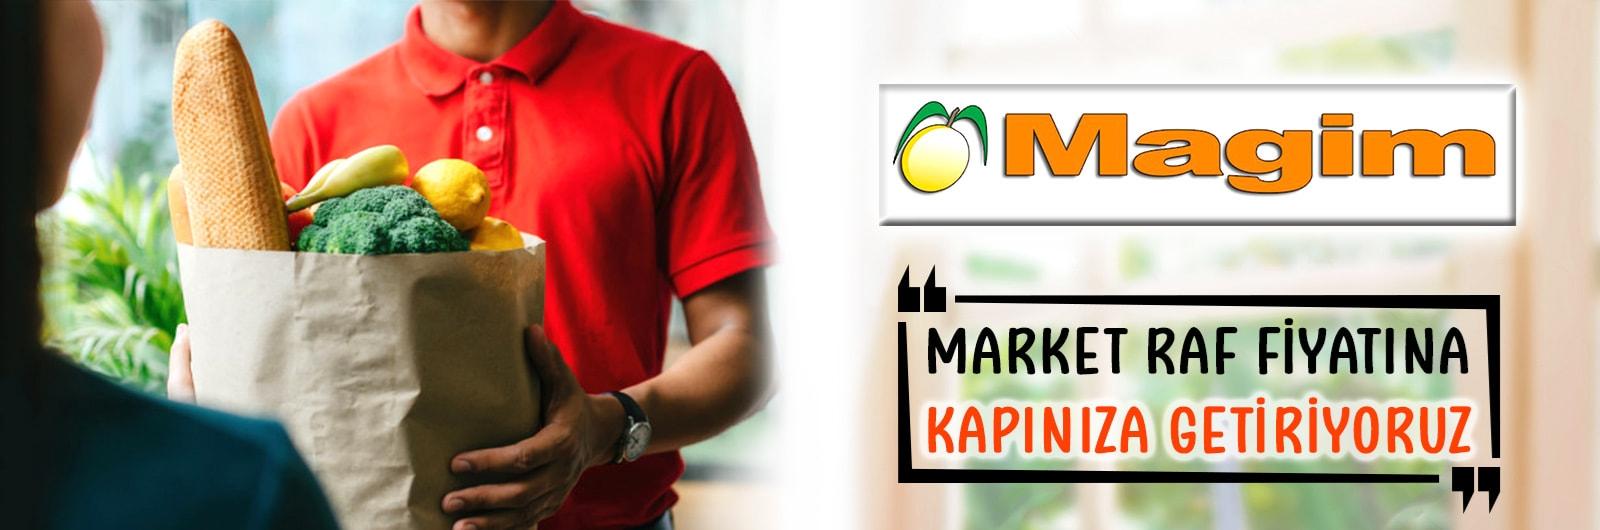 Malatya Magim online market alışverişi